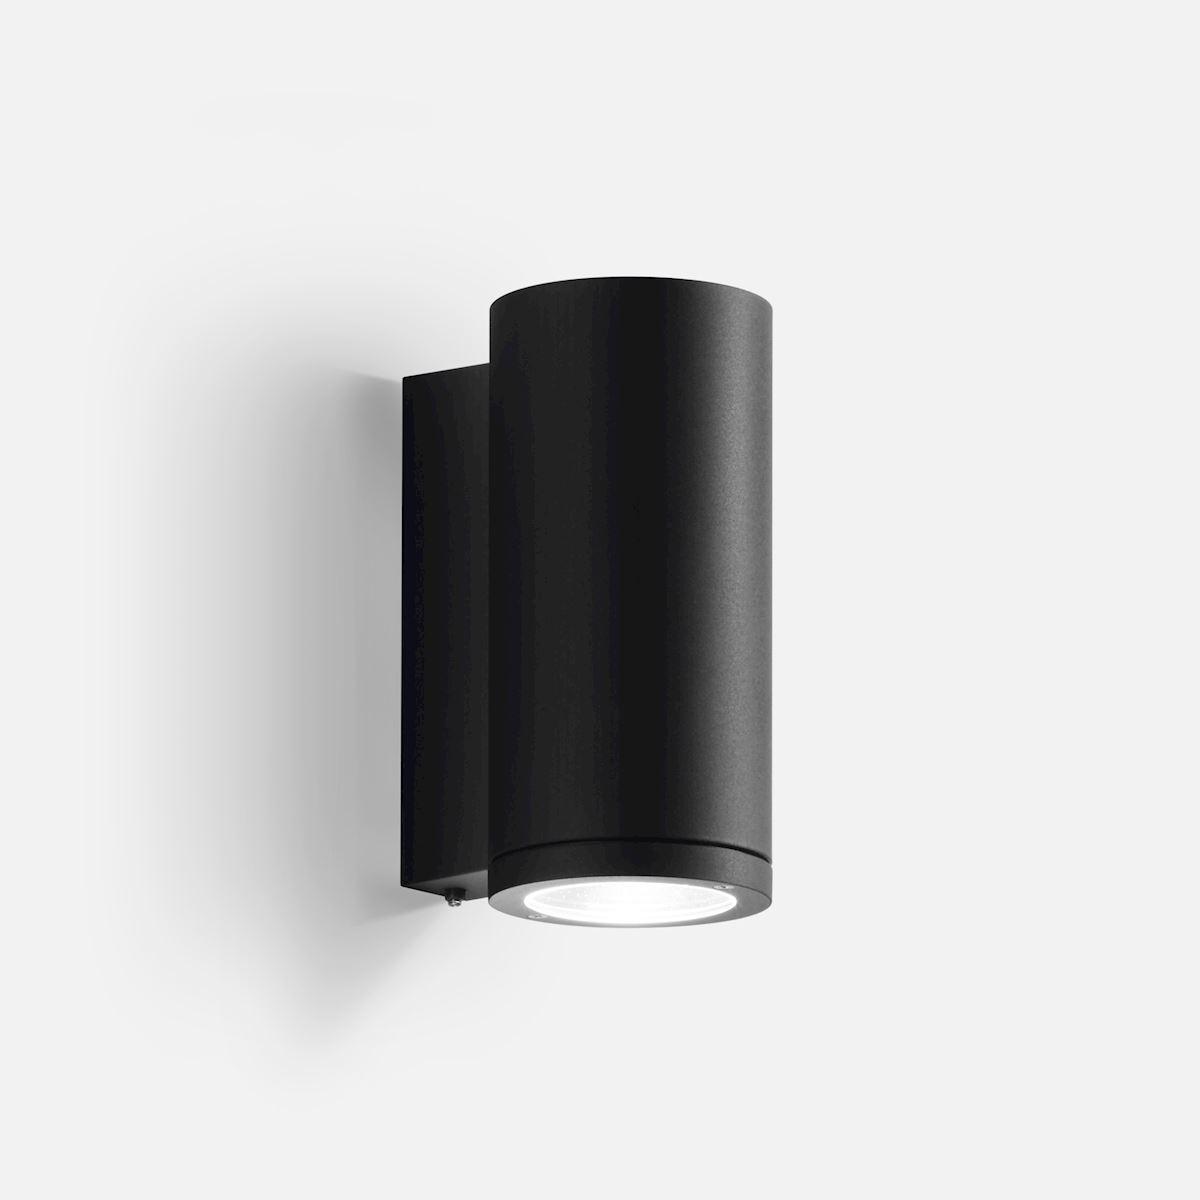 Light emission on one side